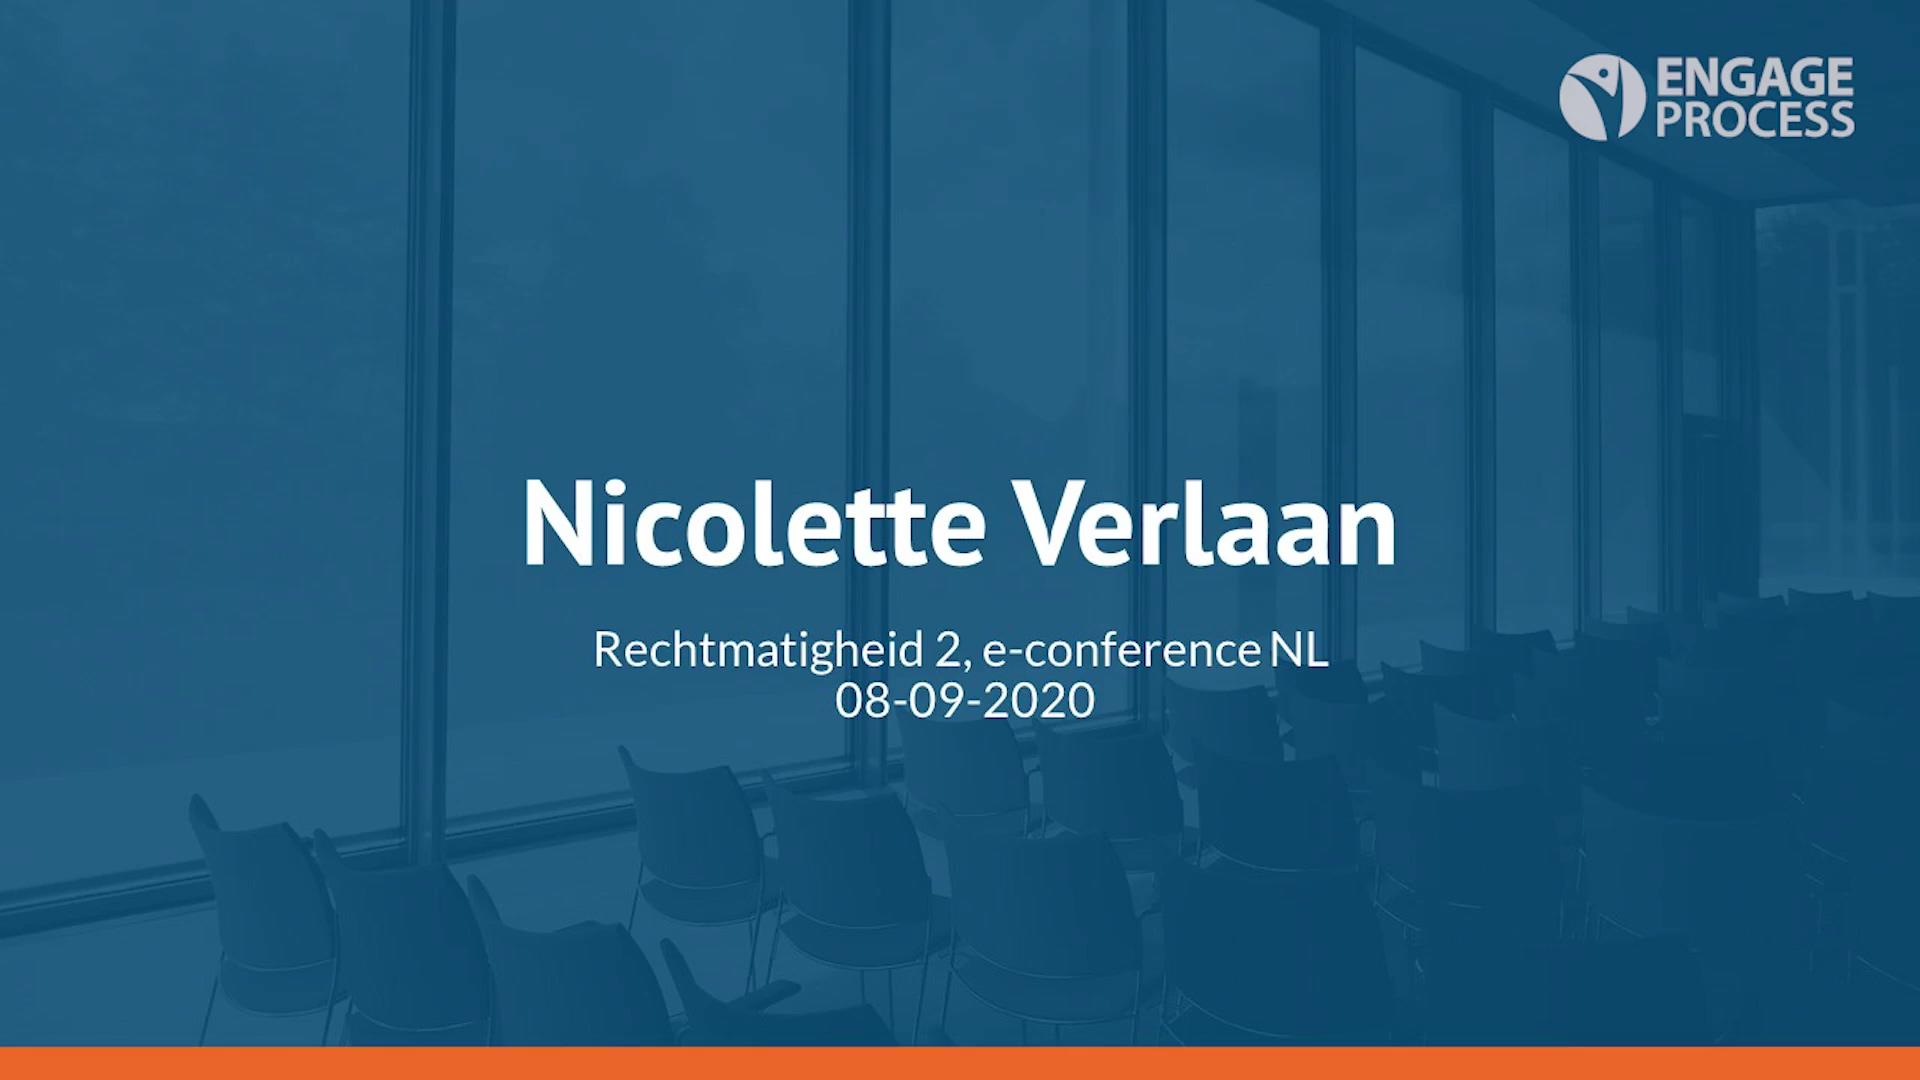 Rechtmatigheid 2 Nicolette Verlaan-V2